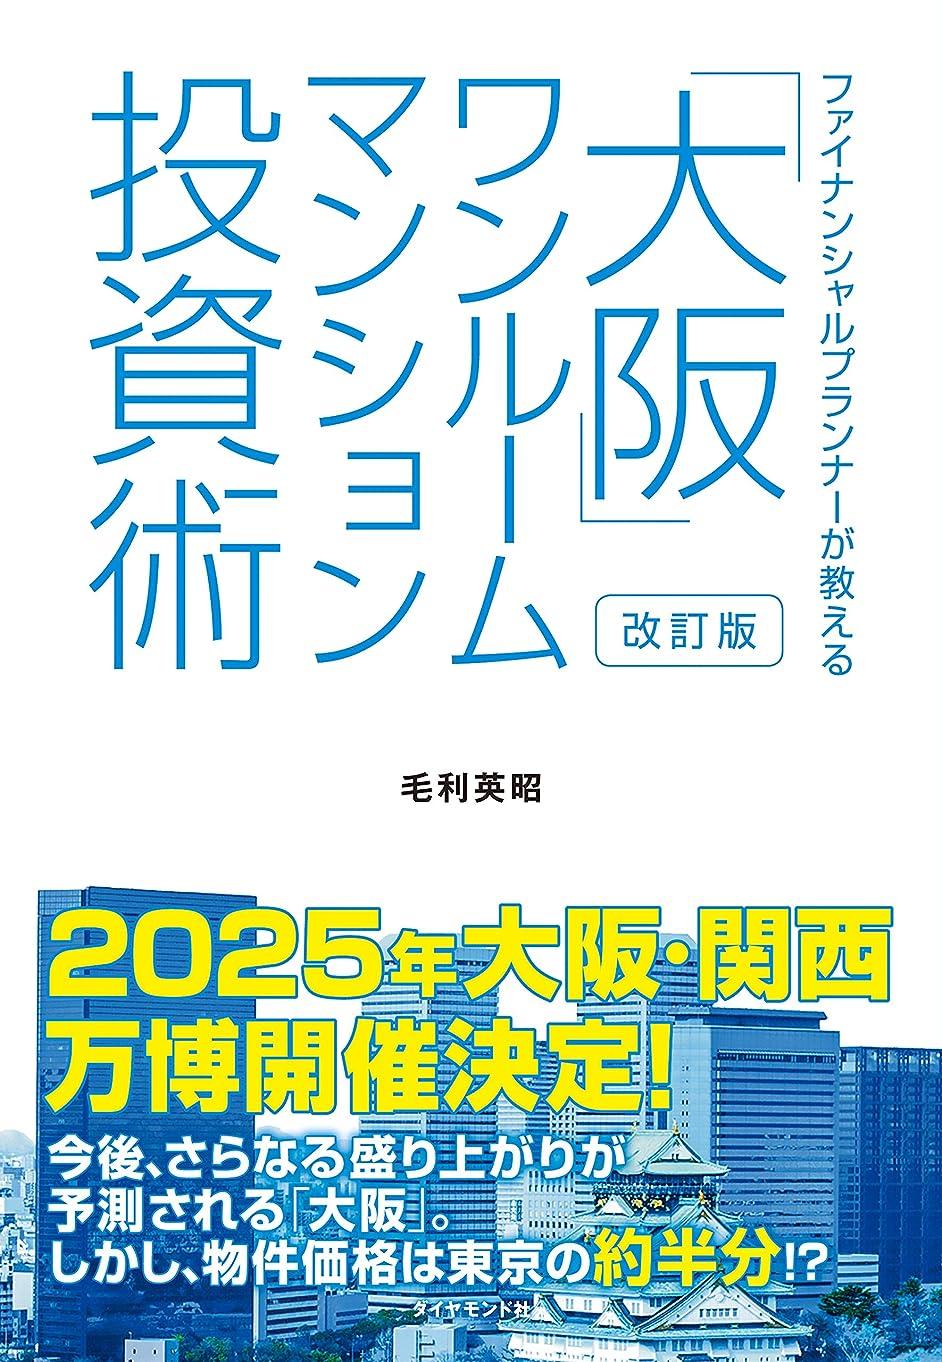 人生を作る現実ヒューズ改訂版 ファイナンシャルプランナーが教える「大阪」ワンルームマンション投資術